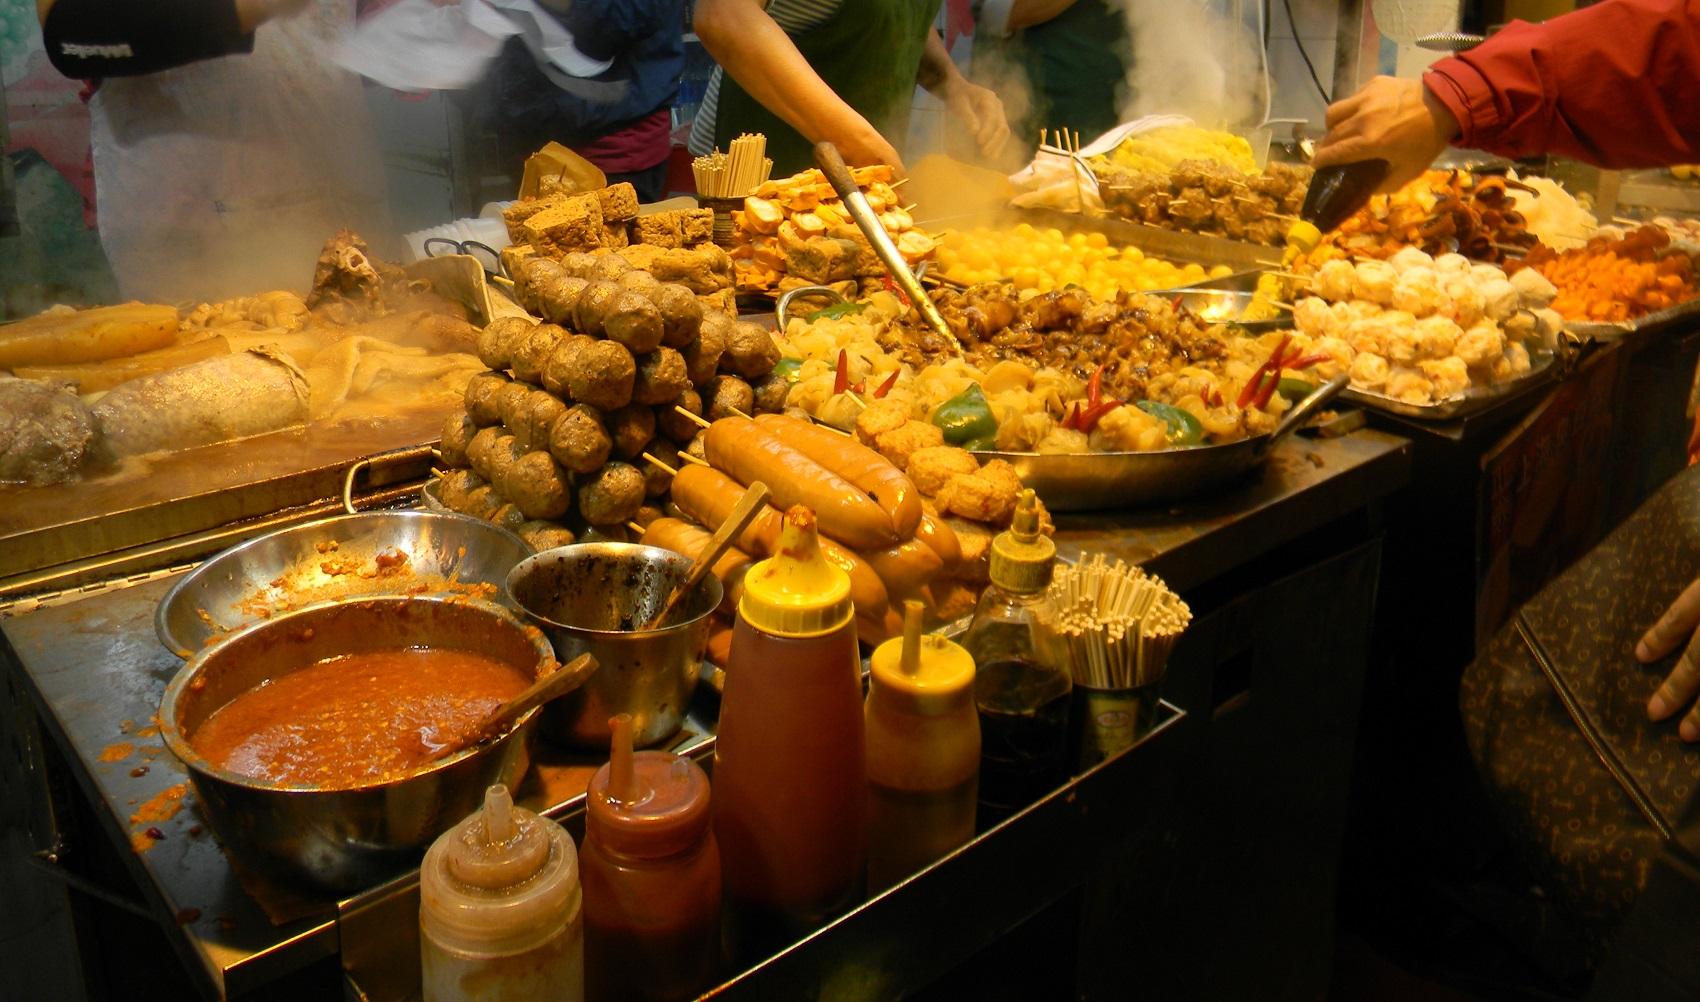 Đến Sài Gòn ăn gì ngon? Cập nhật menu những món ăn đặc sắc nhất đất Sài Thành